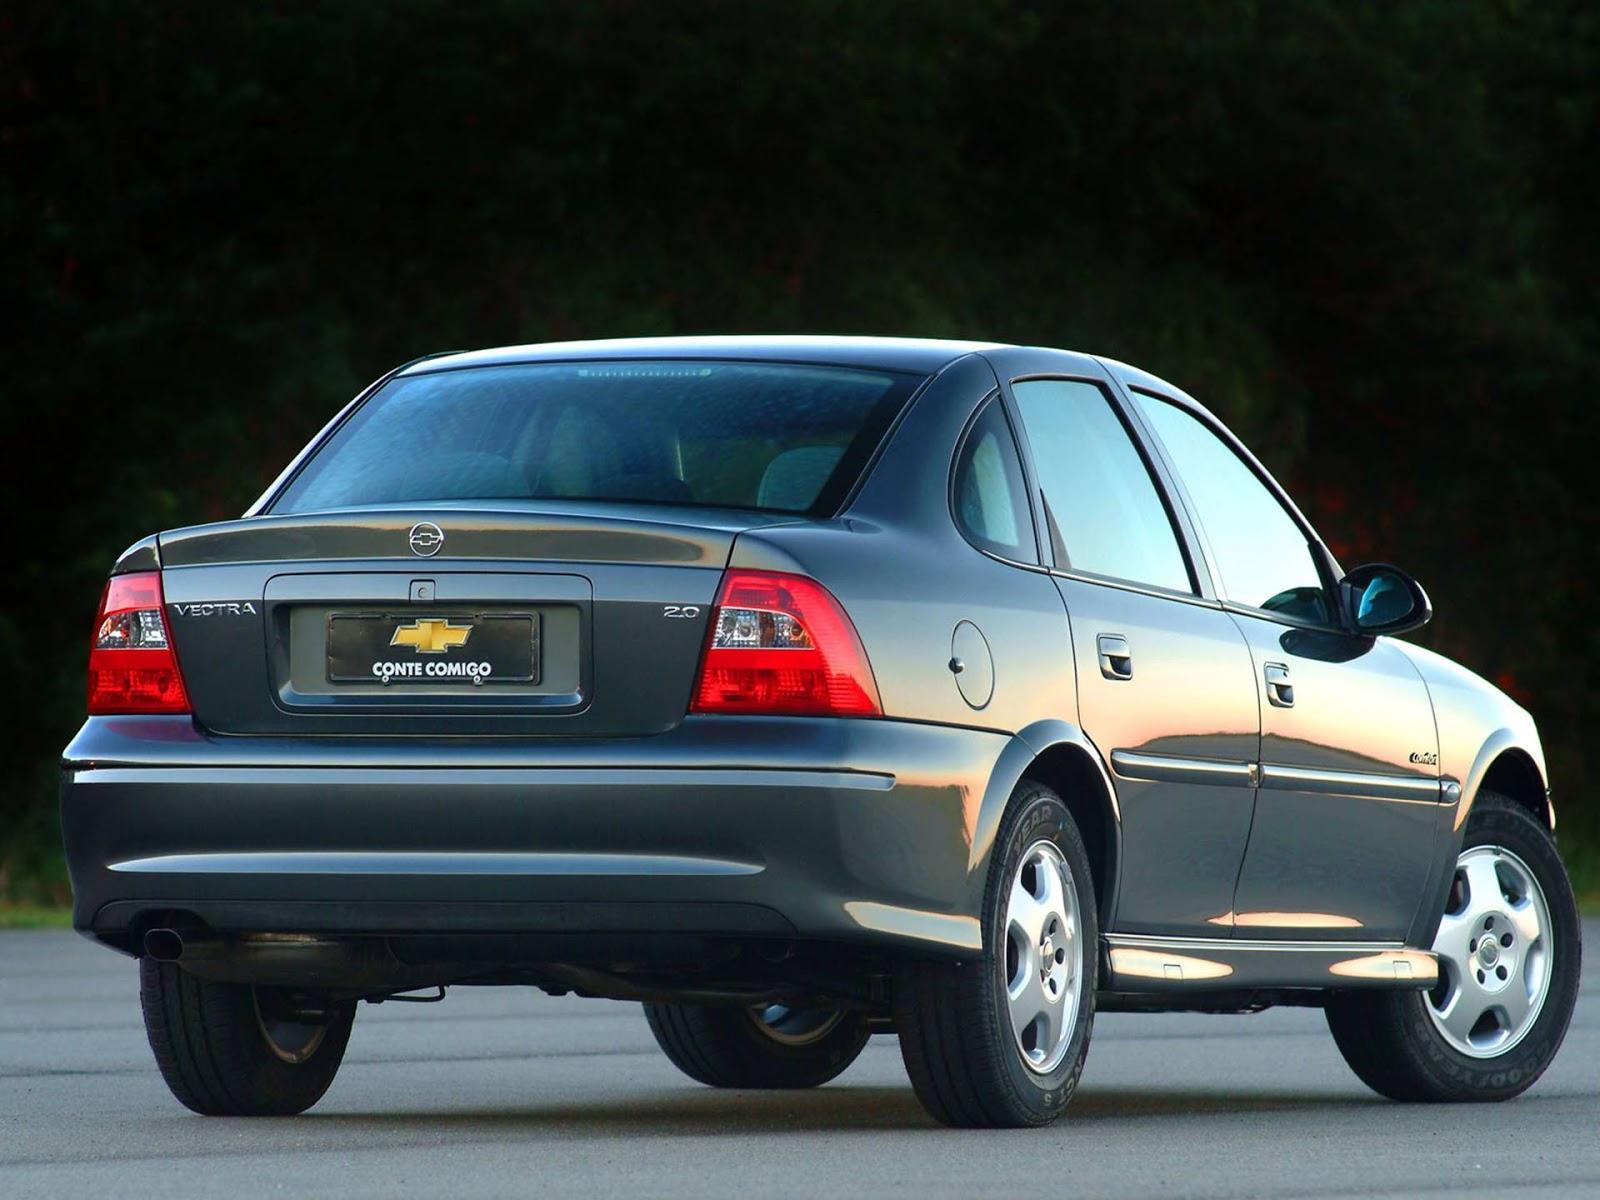 Chevrolet Vectra 2005